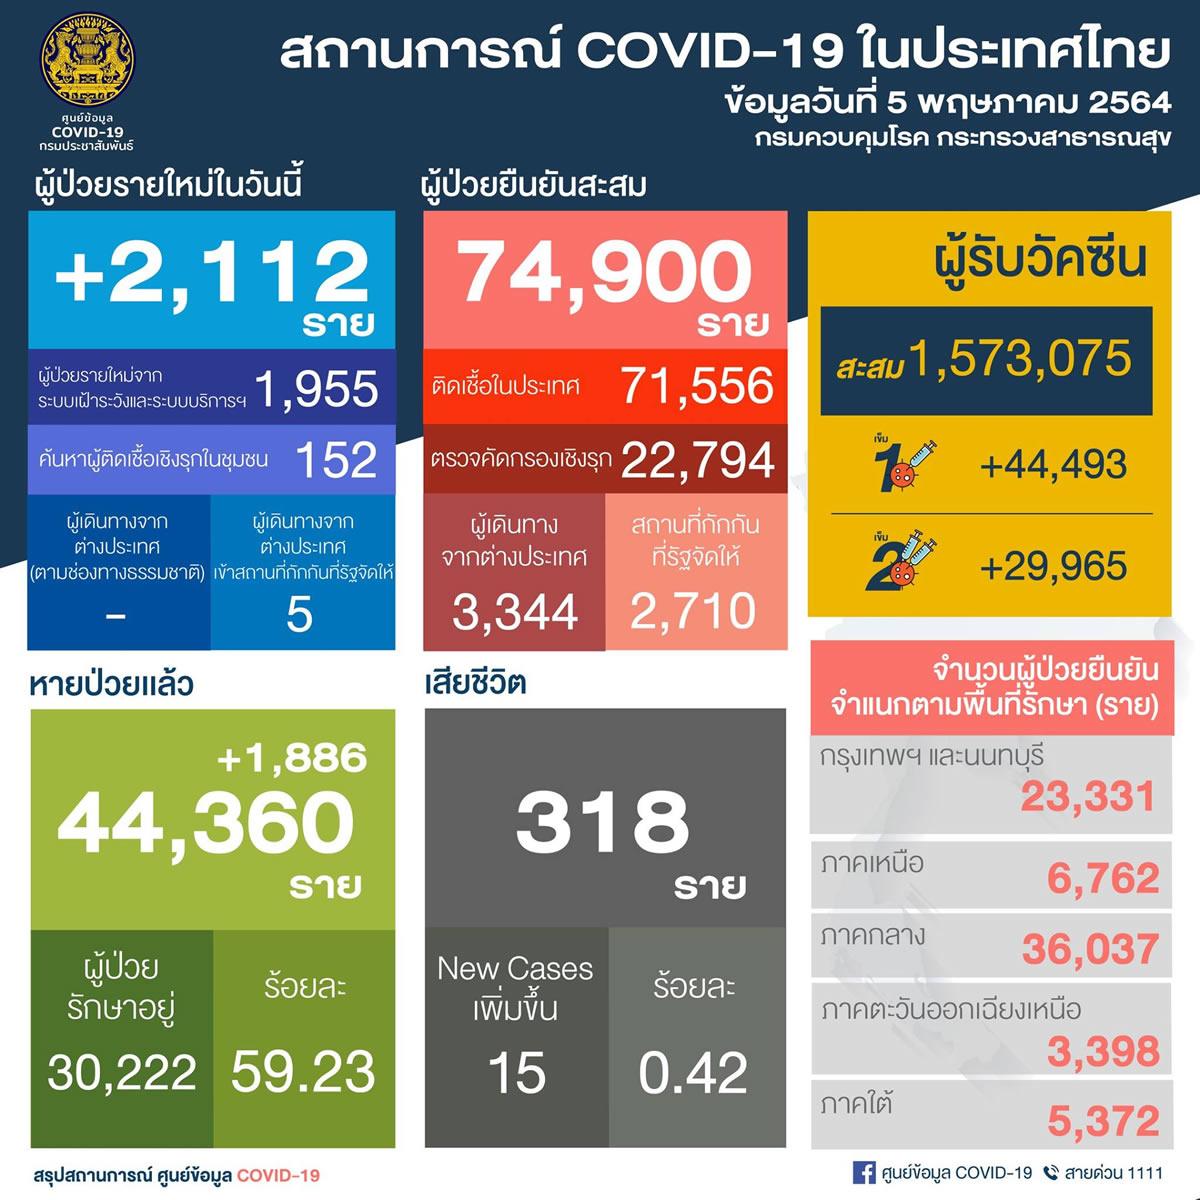 タイ国内感染2,017人/バンコク都789人/15人死亡[2021年5月5日発表]